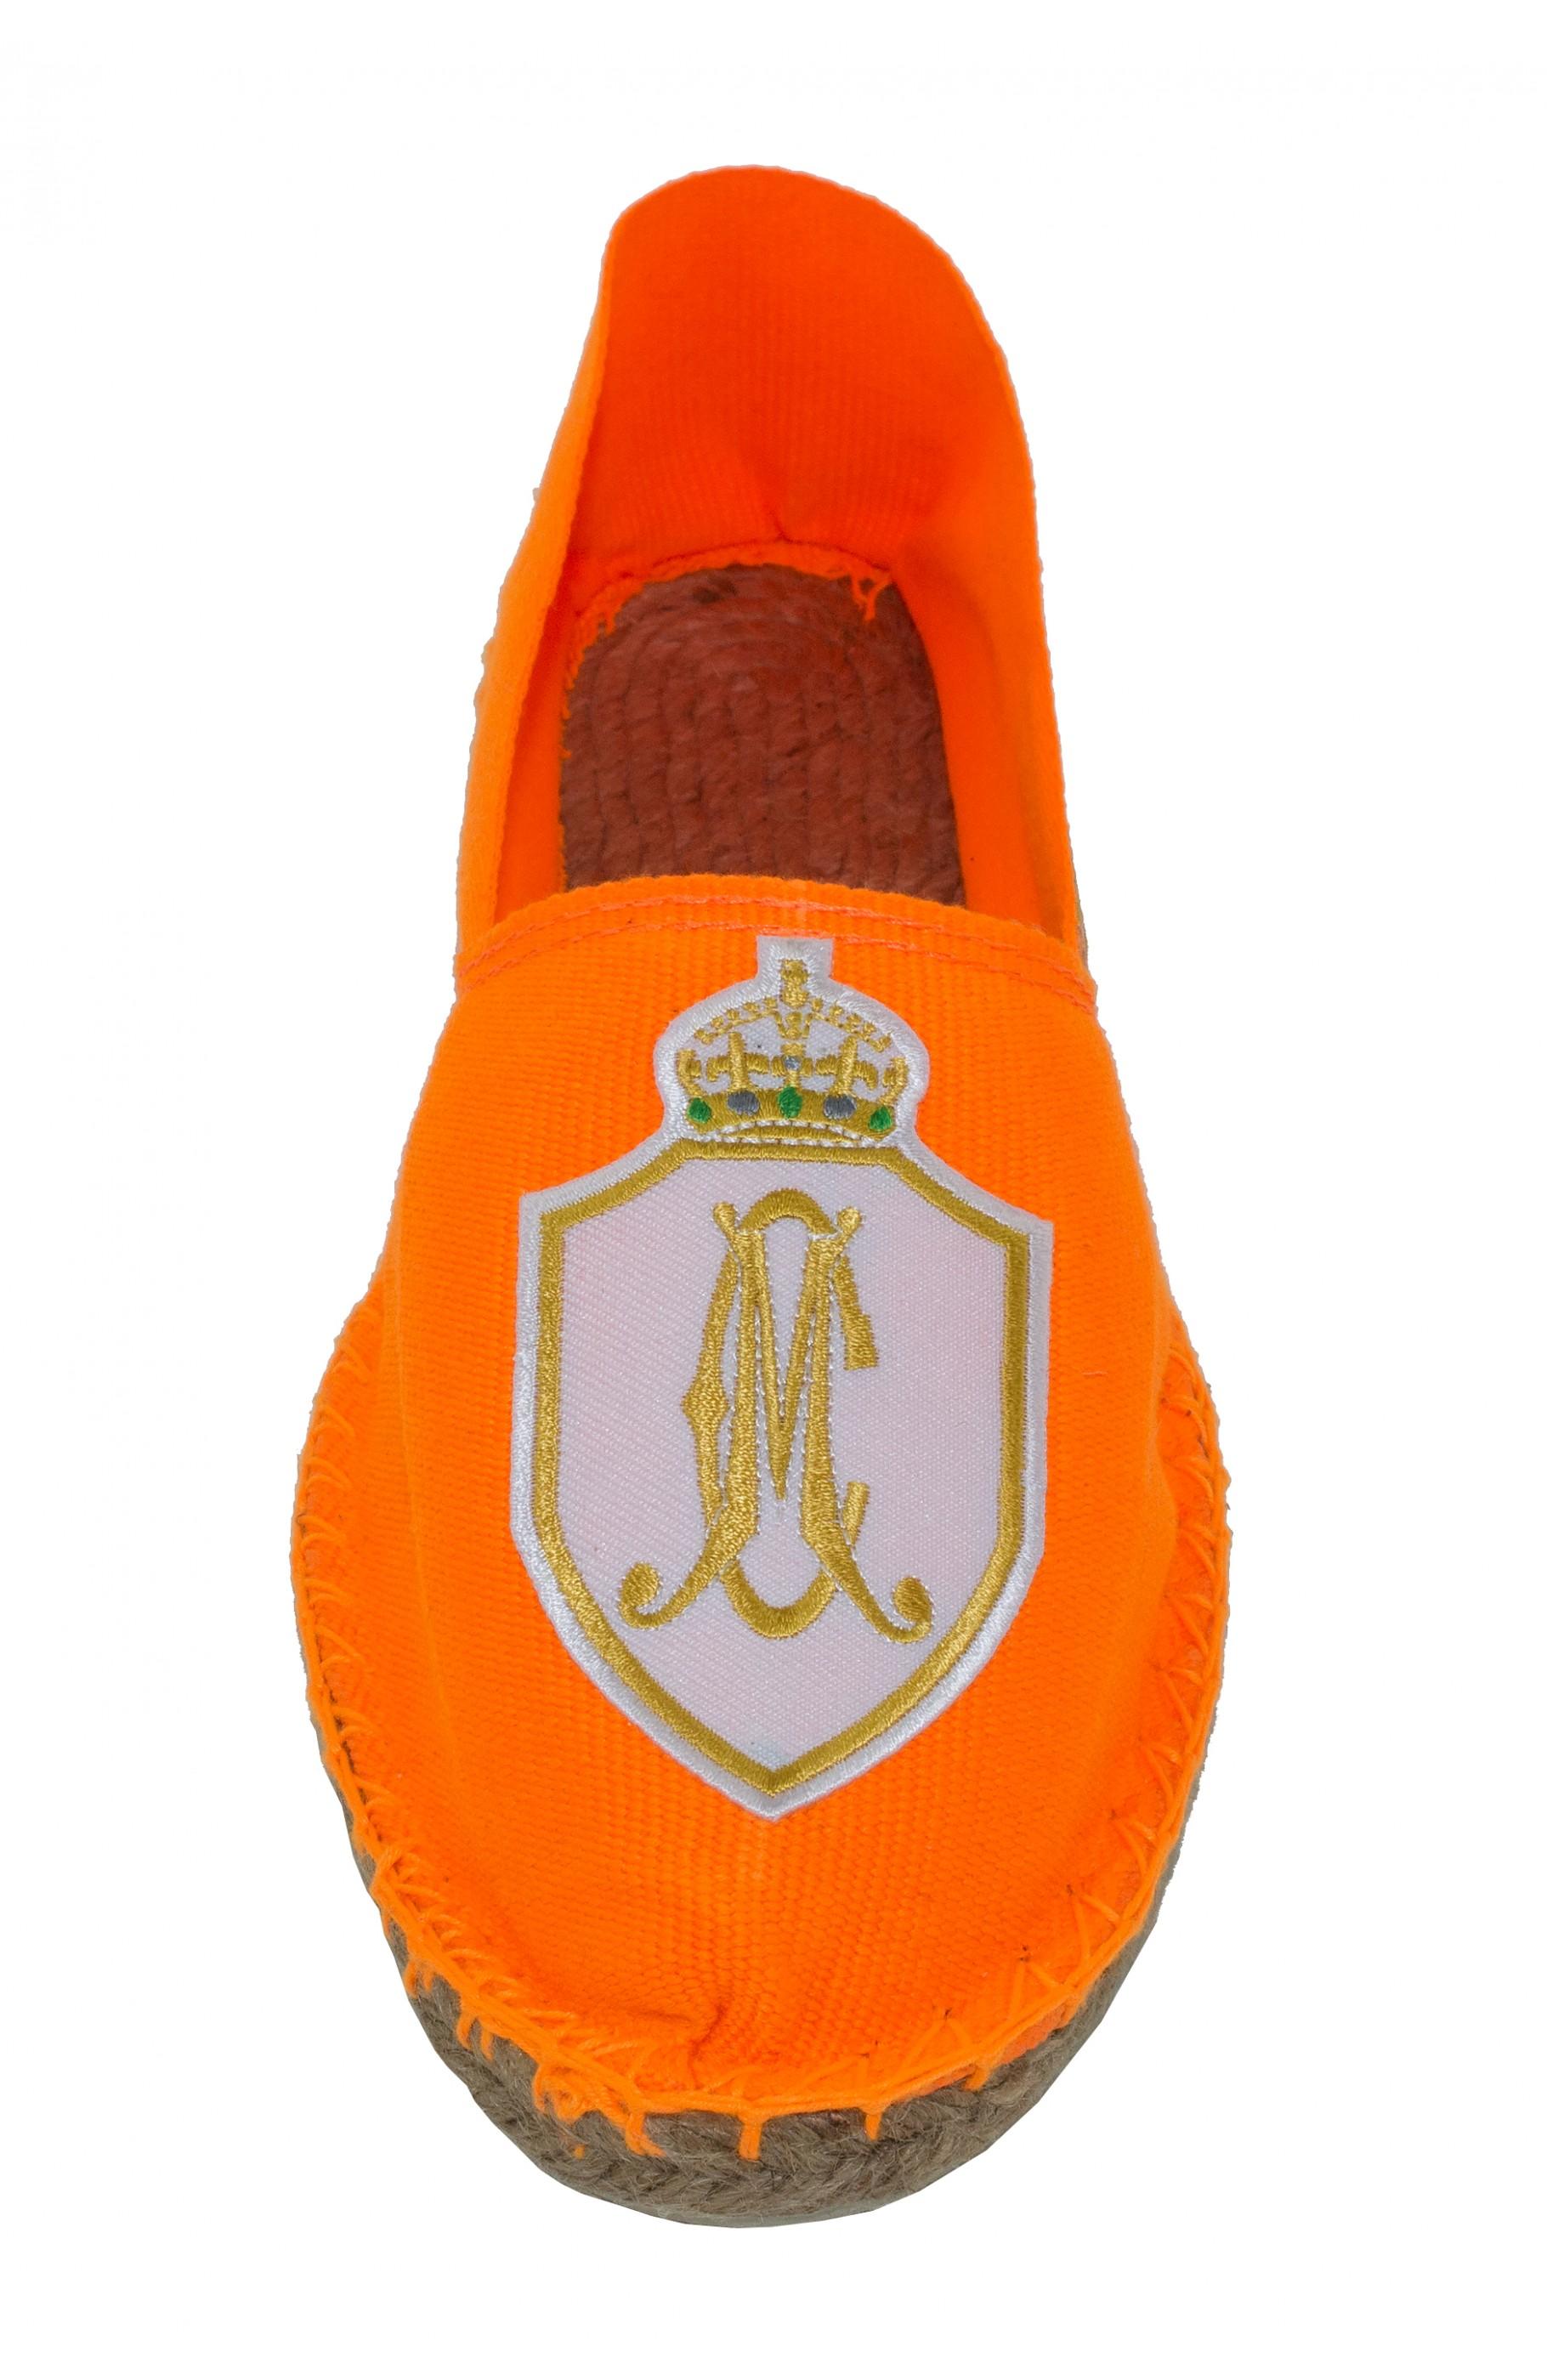 Majesté Couture Paris: MAJESTÉ\'S MELON ESPADRILLES   Shoes,Shoes > Espadrilles -  Hiphunters Shop